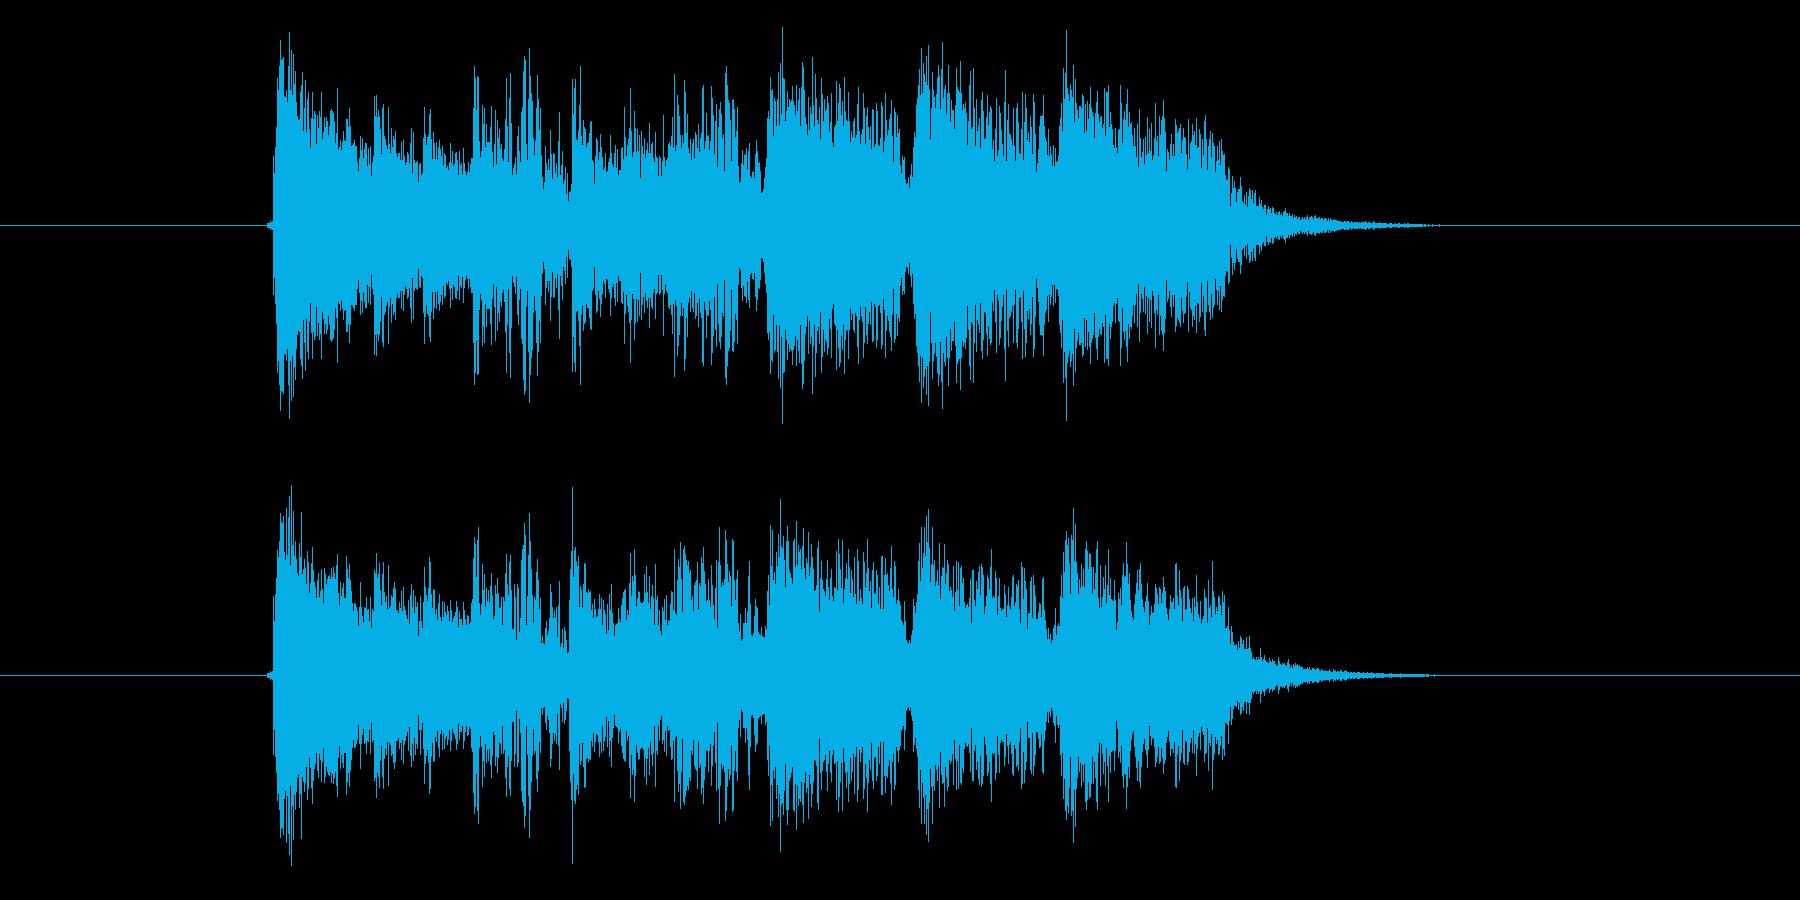 軽快なシンセパーカッションの短いジングルの再生済みの波形